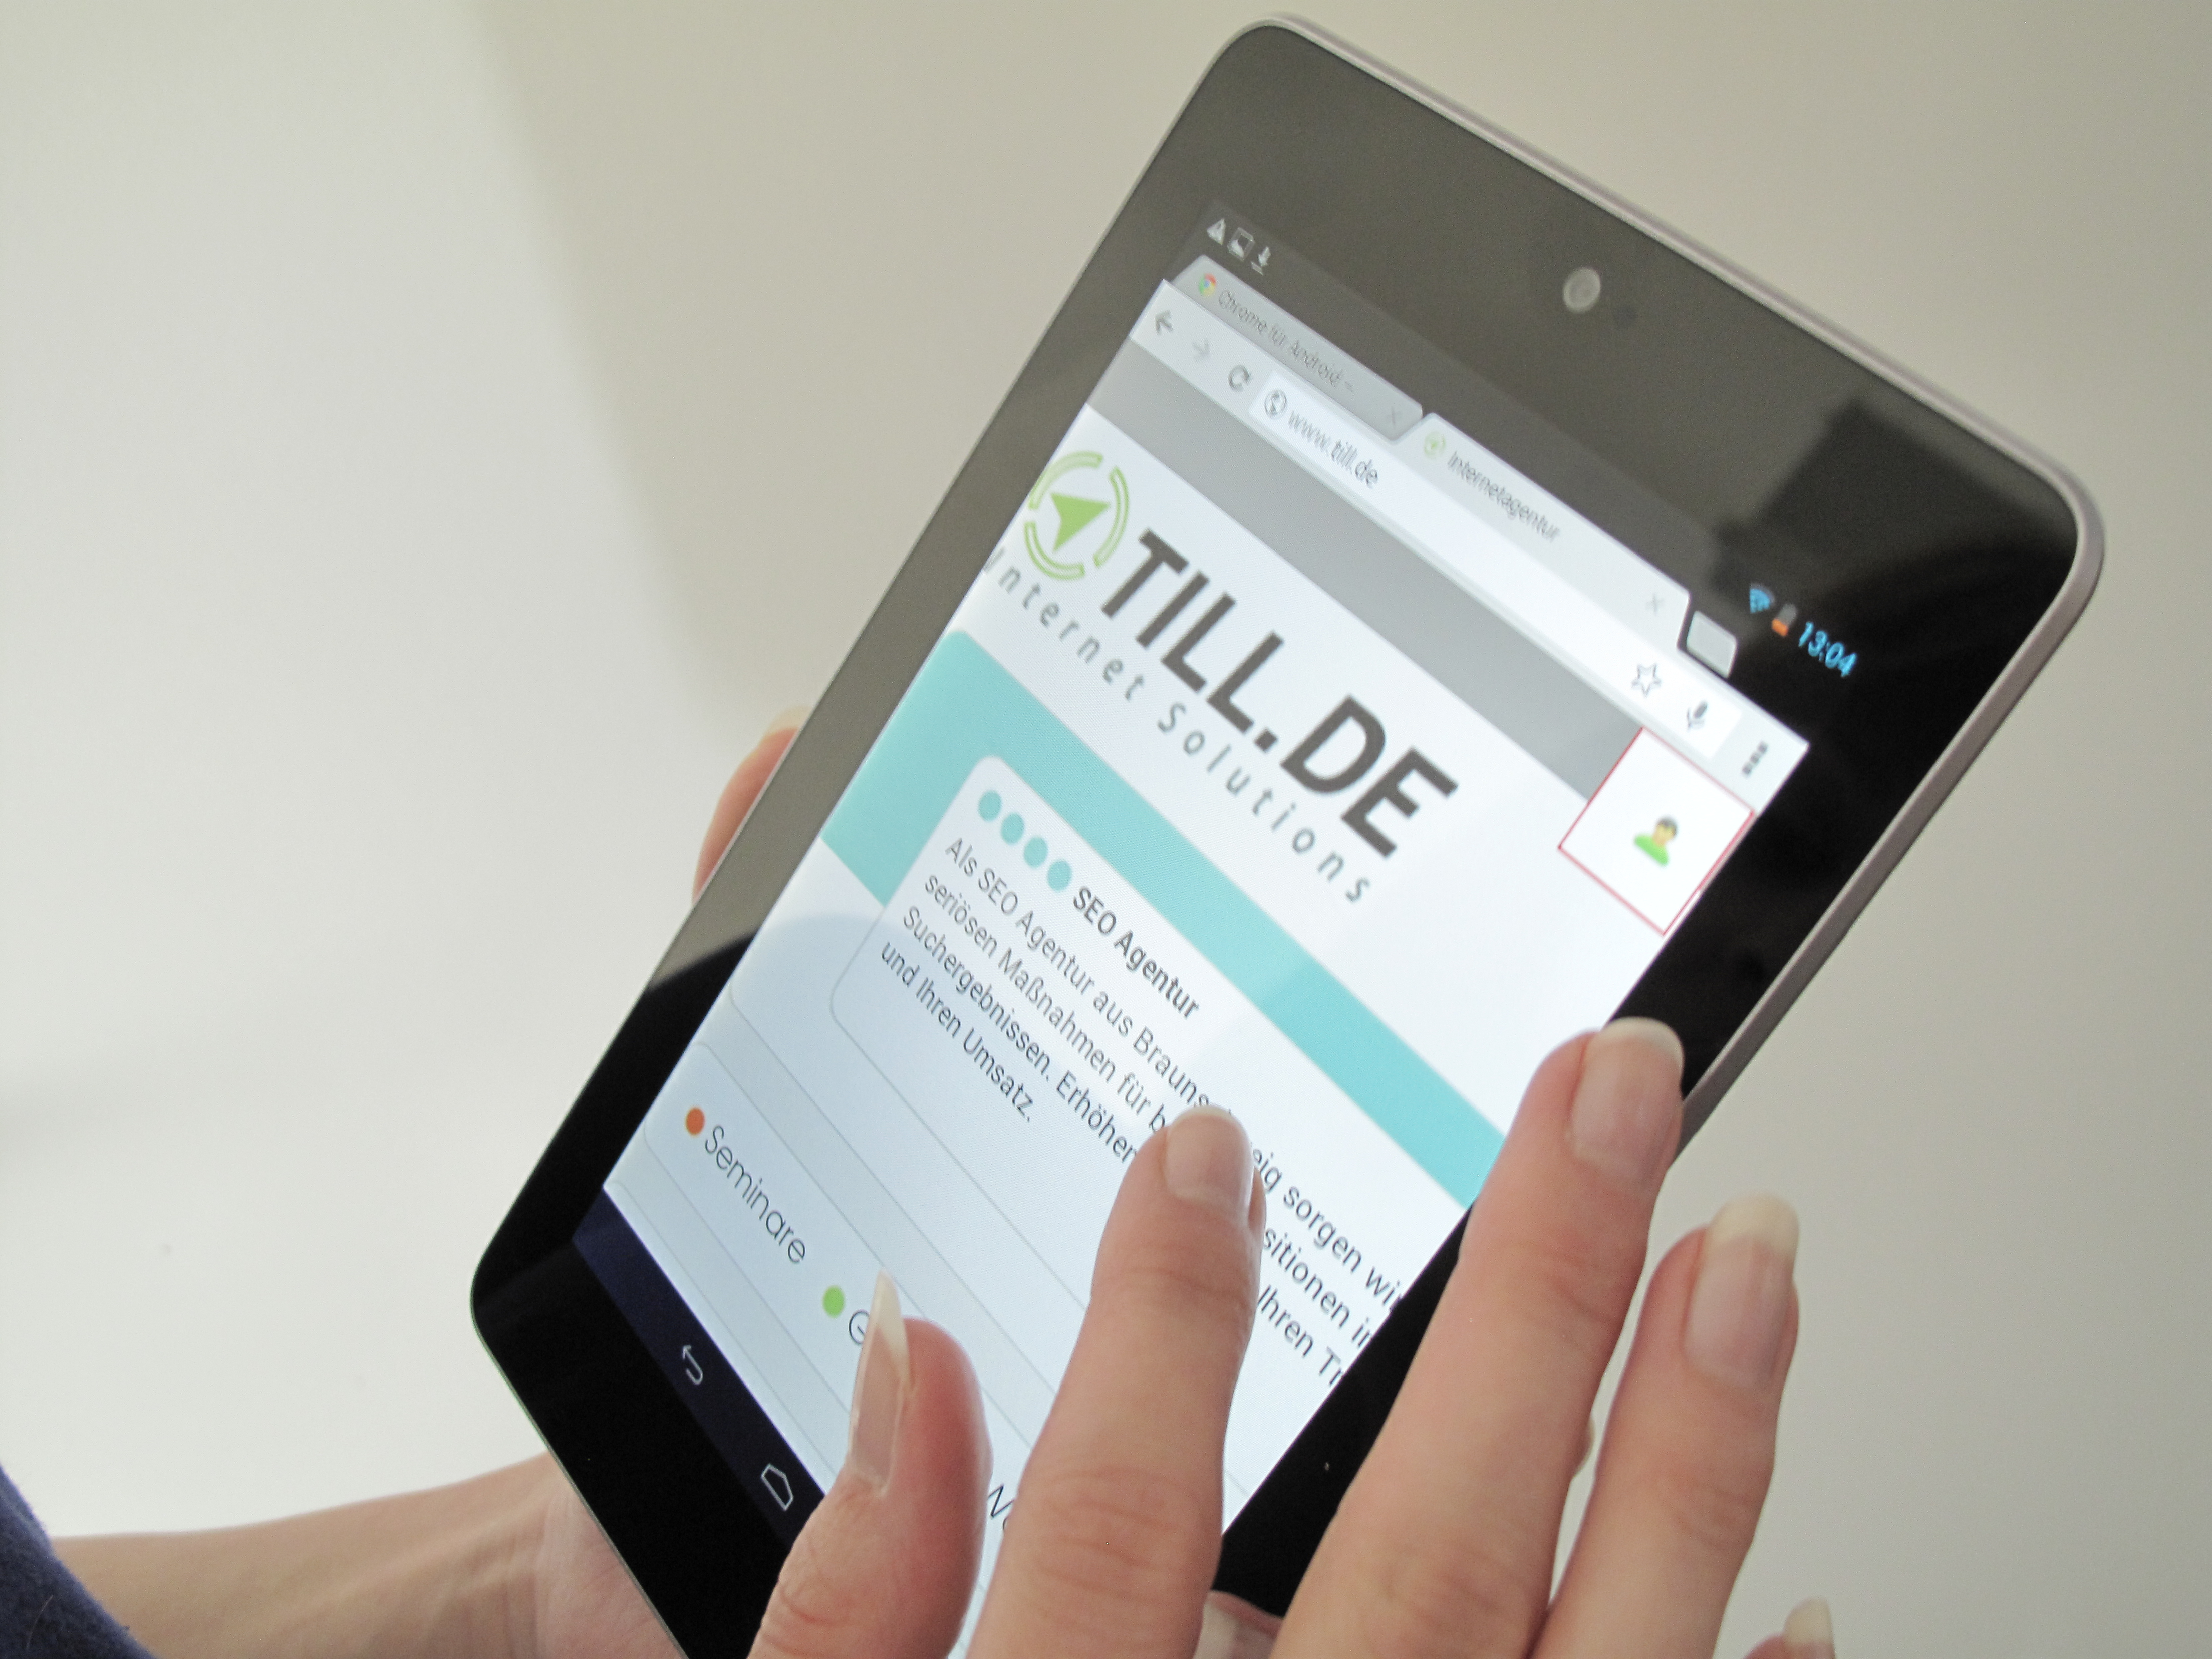 Google Nexus 7 im Gebrauch